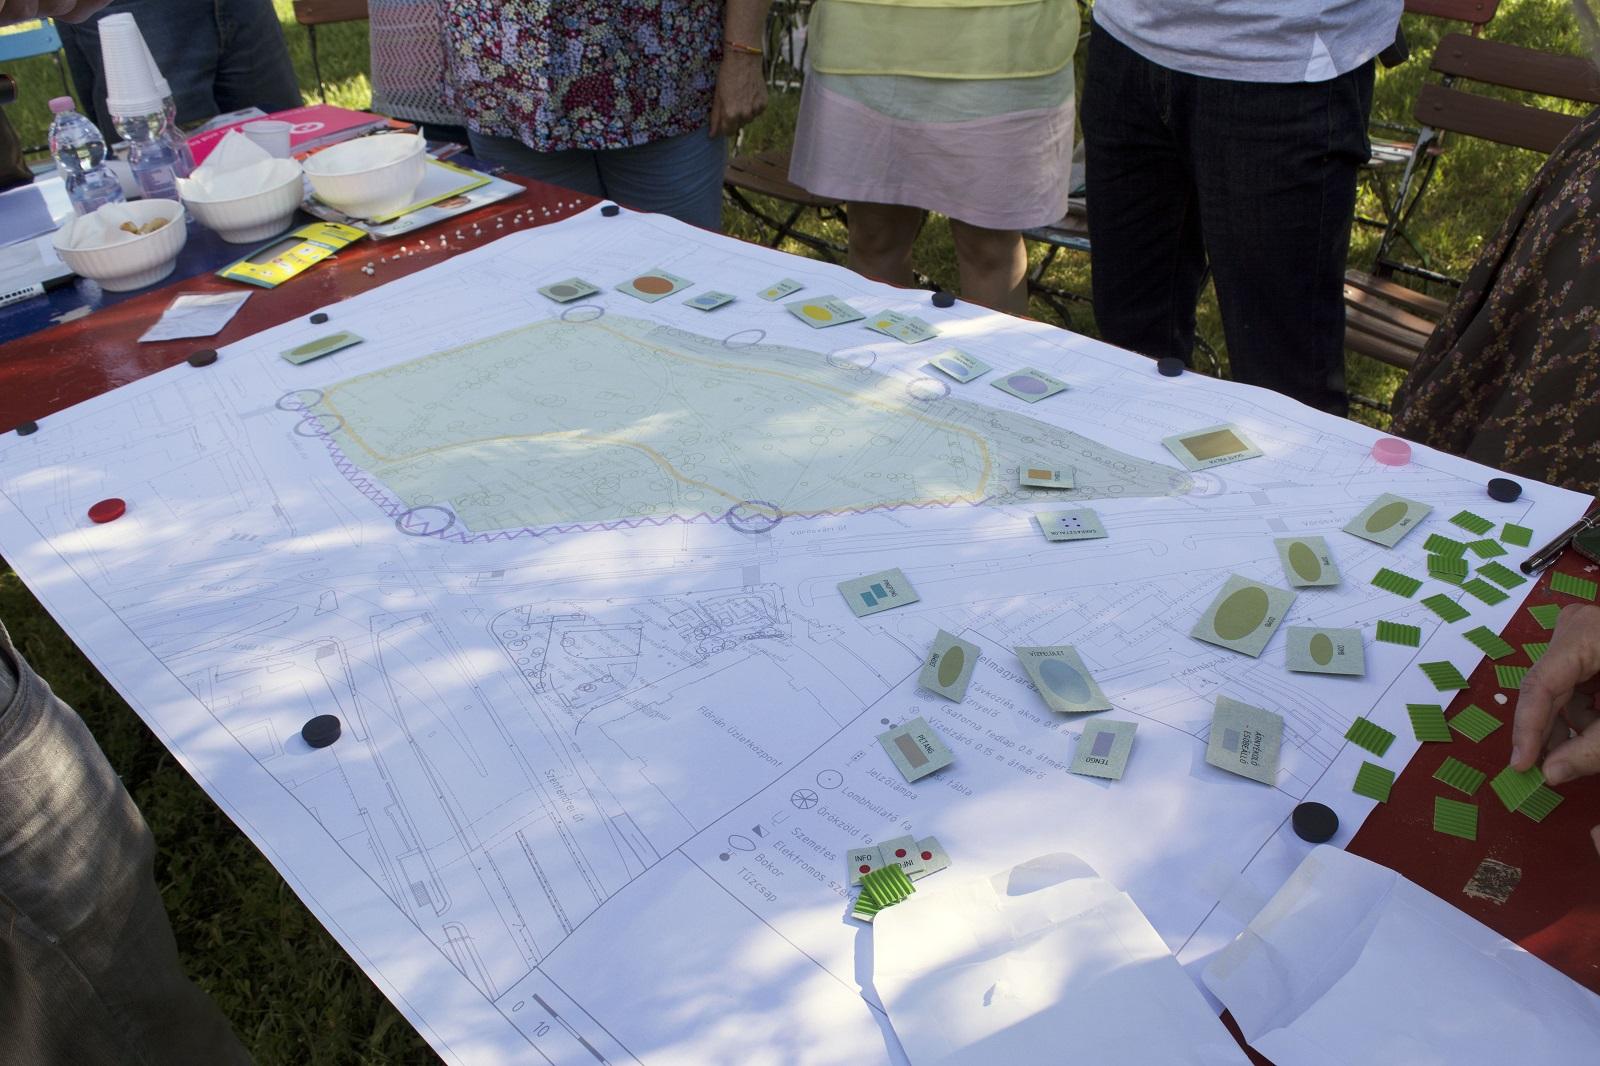 Közösségi tervezés - workshop